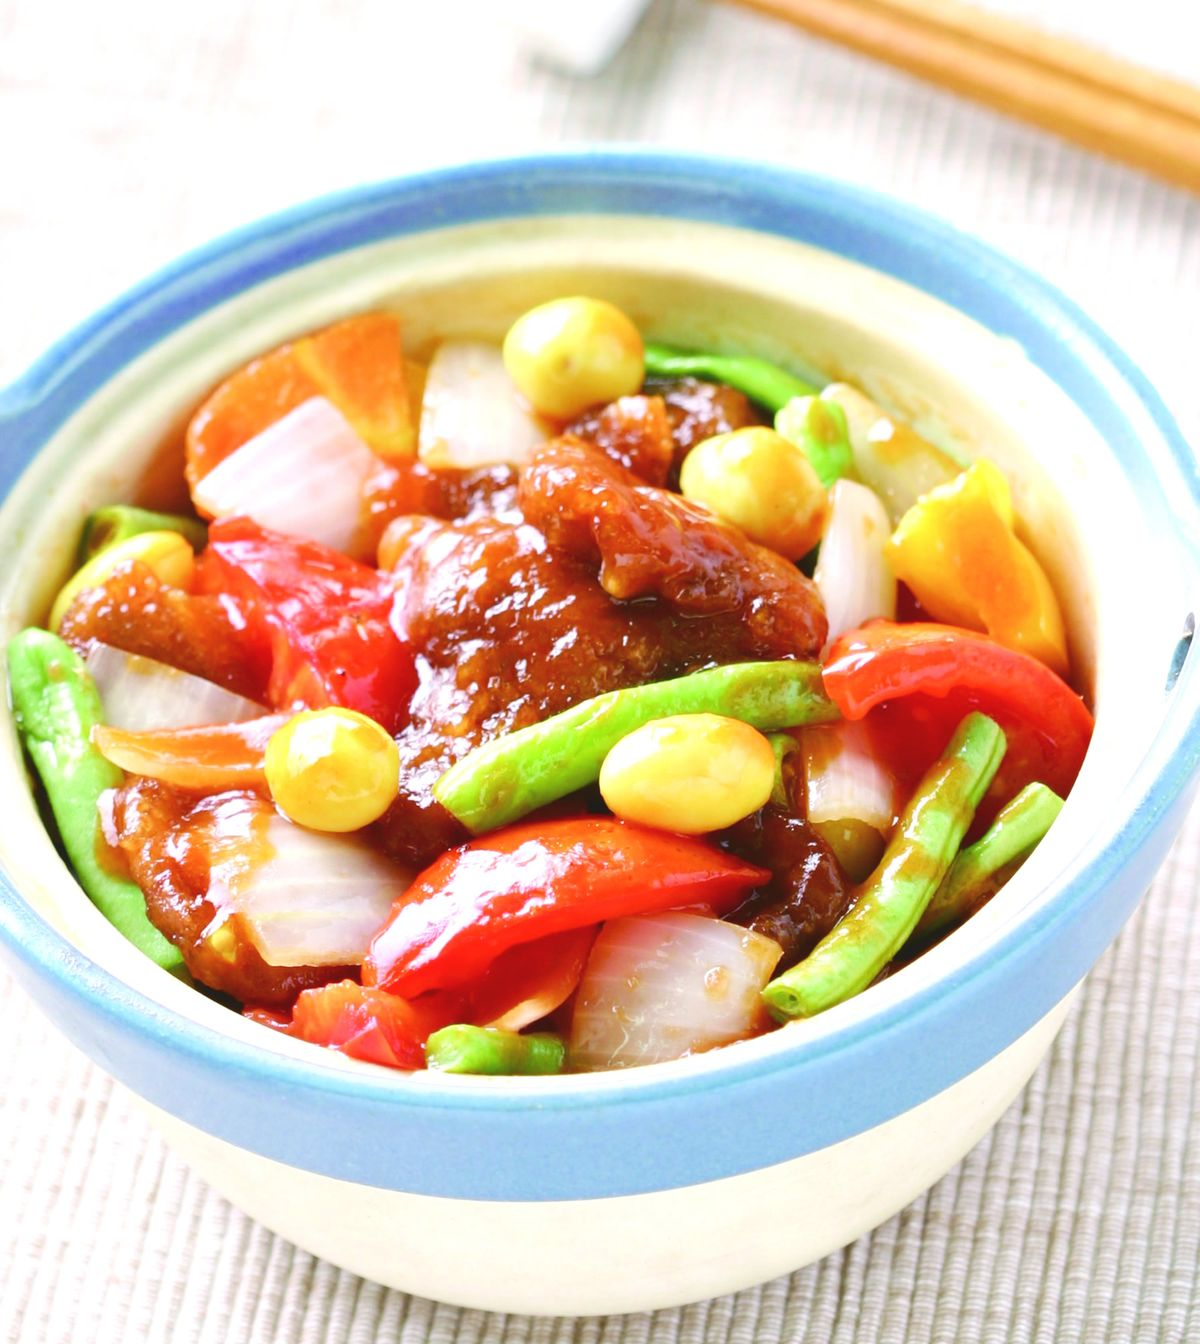 食譜:蕃茄紅肉煲